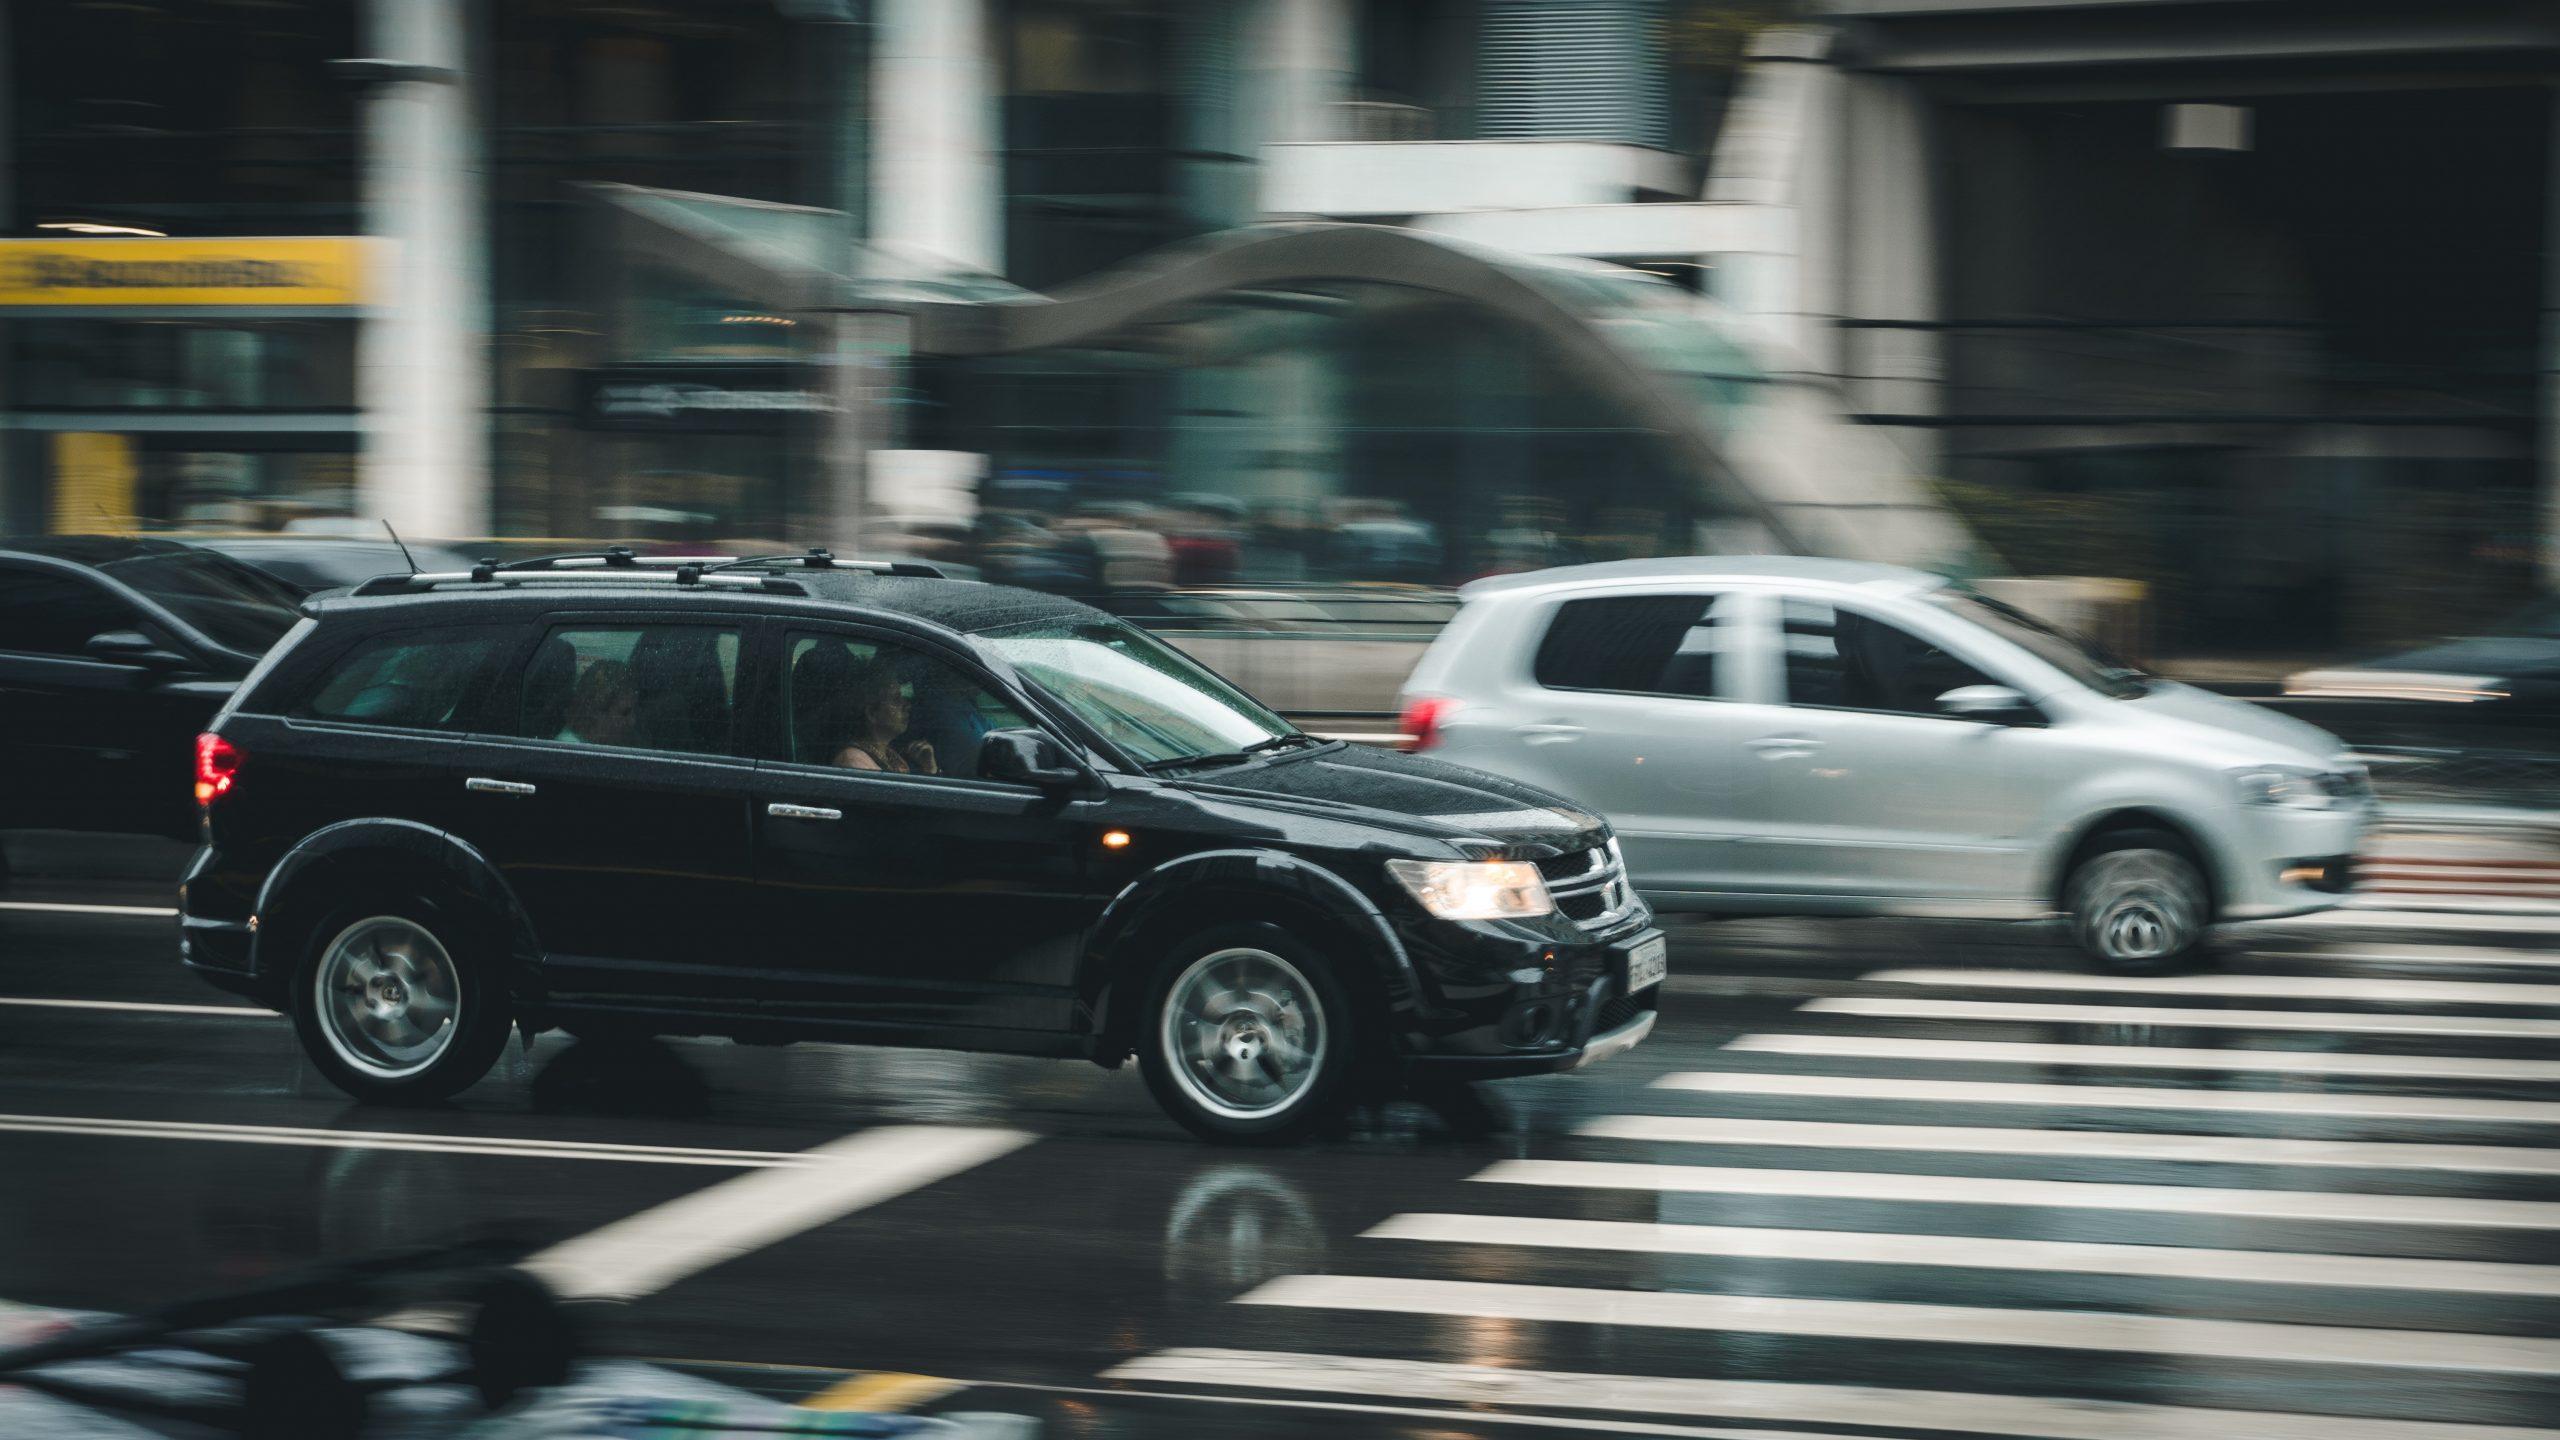 Traficul din București. Se lucrează la infrastructura rutieră